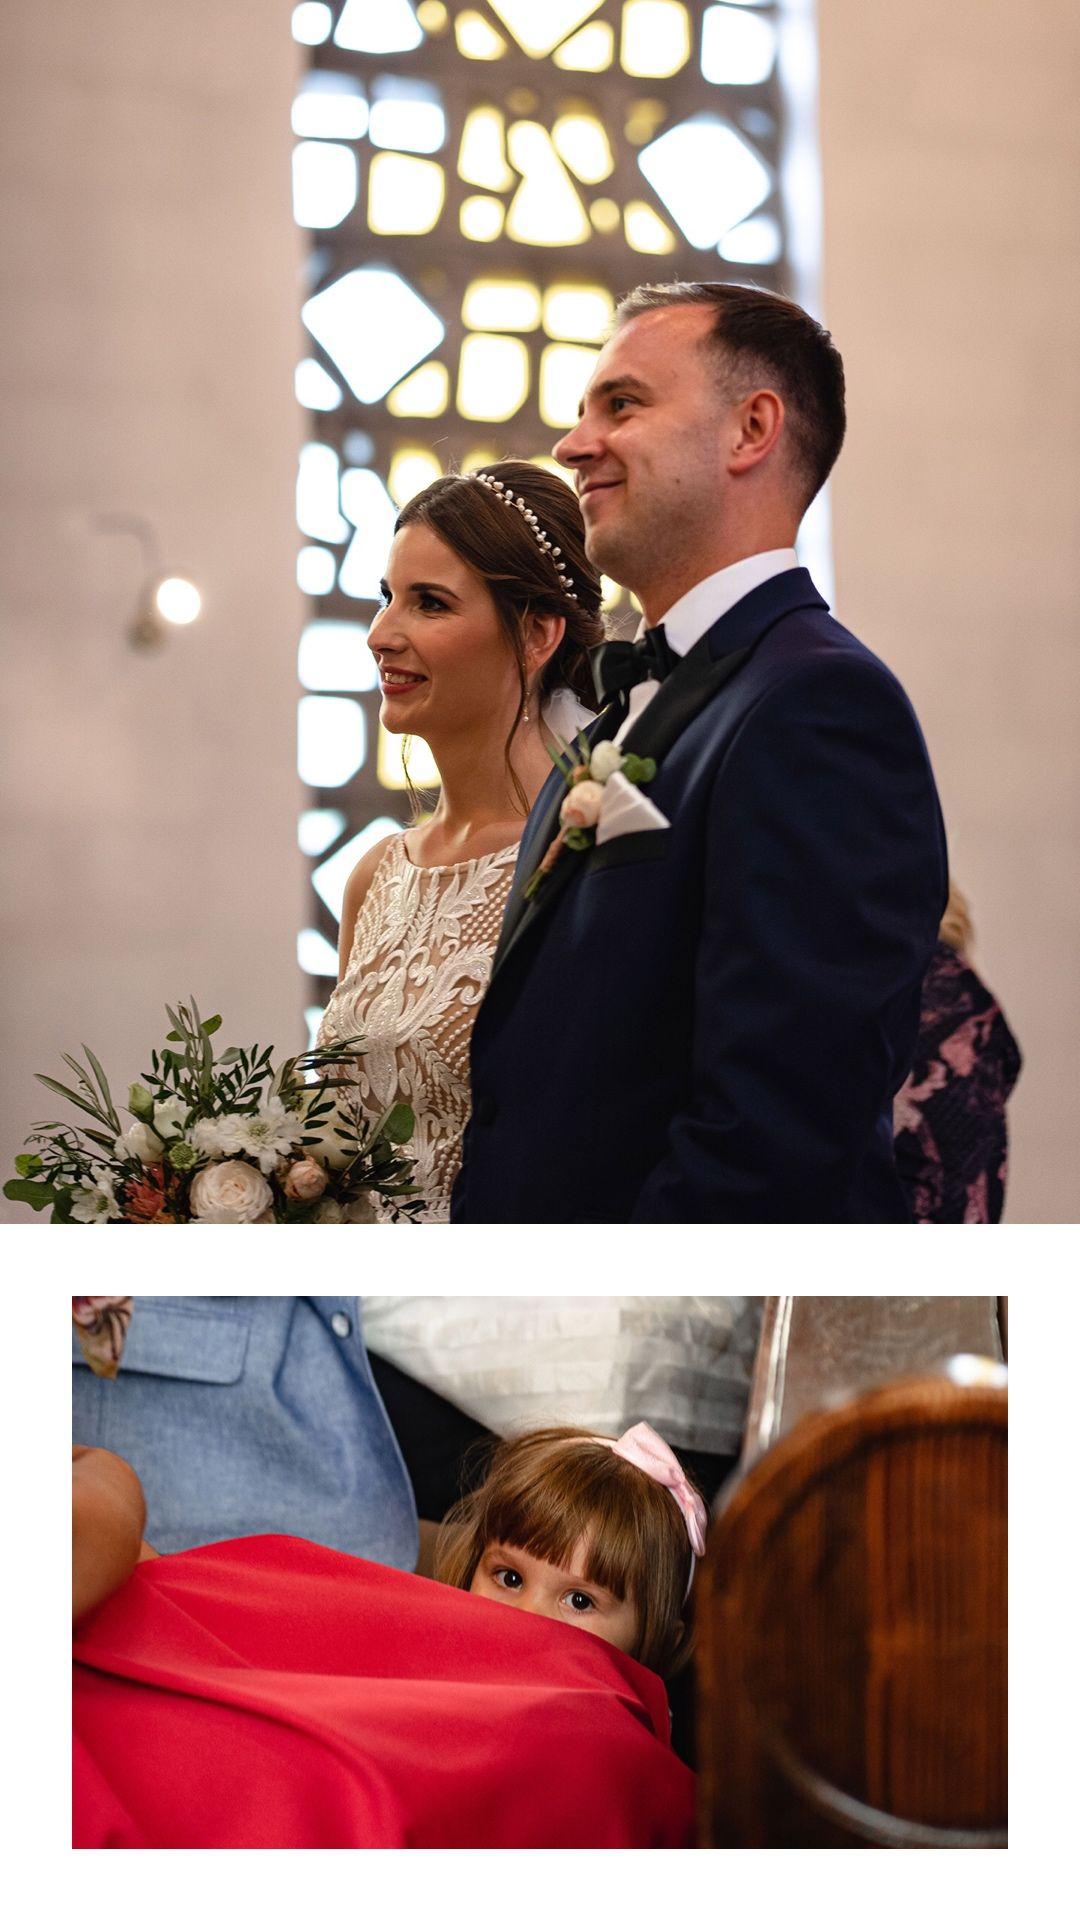 Św. Floriana Kolbudy, Ślub kościelny, przysięga kościelna, wzruszenie podczas przysięgi, say yes,